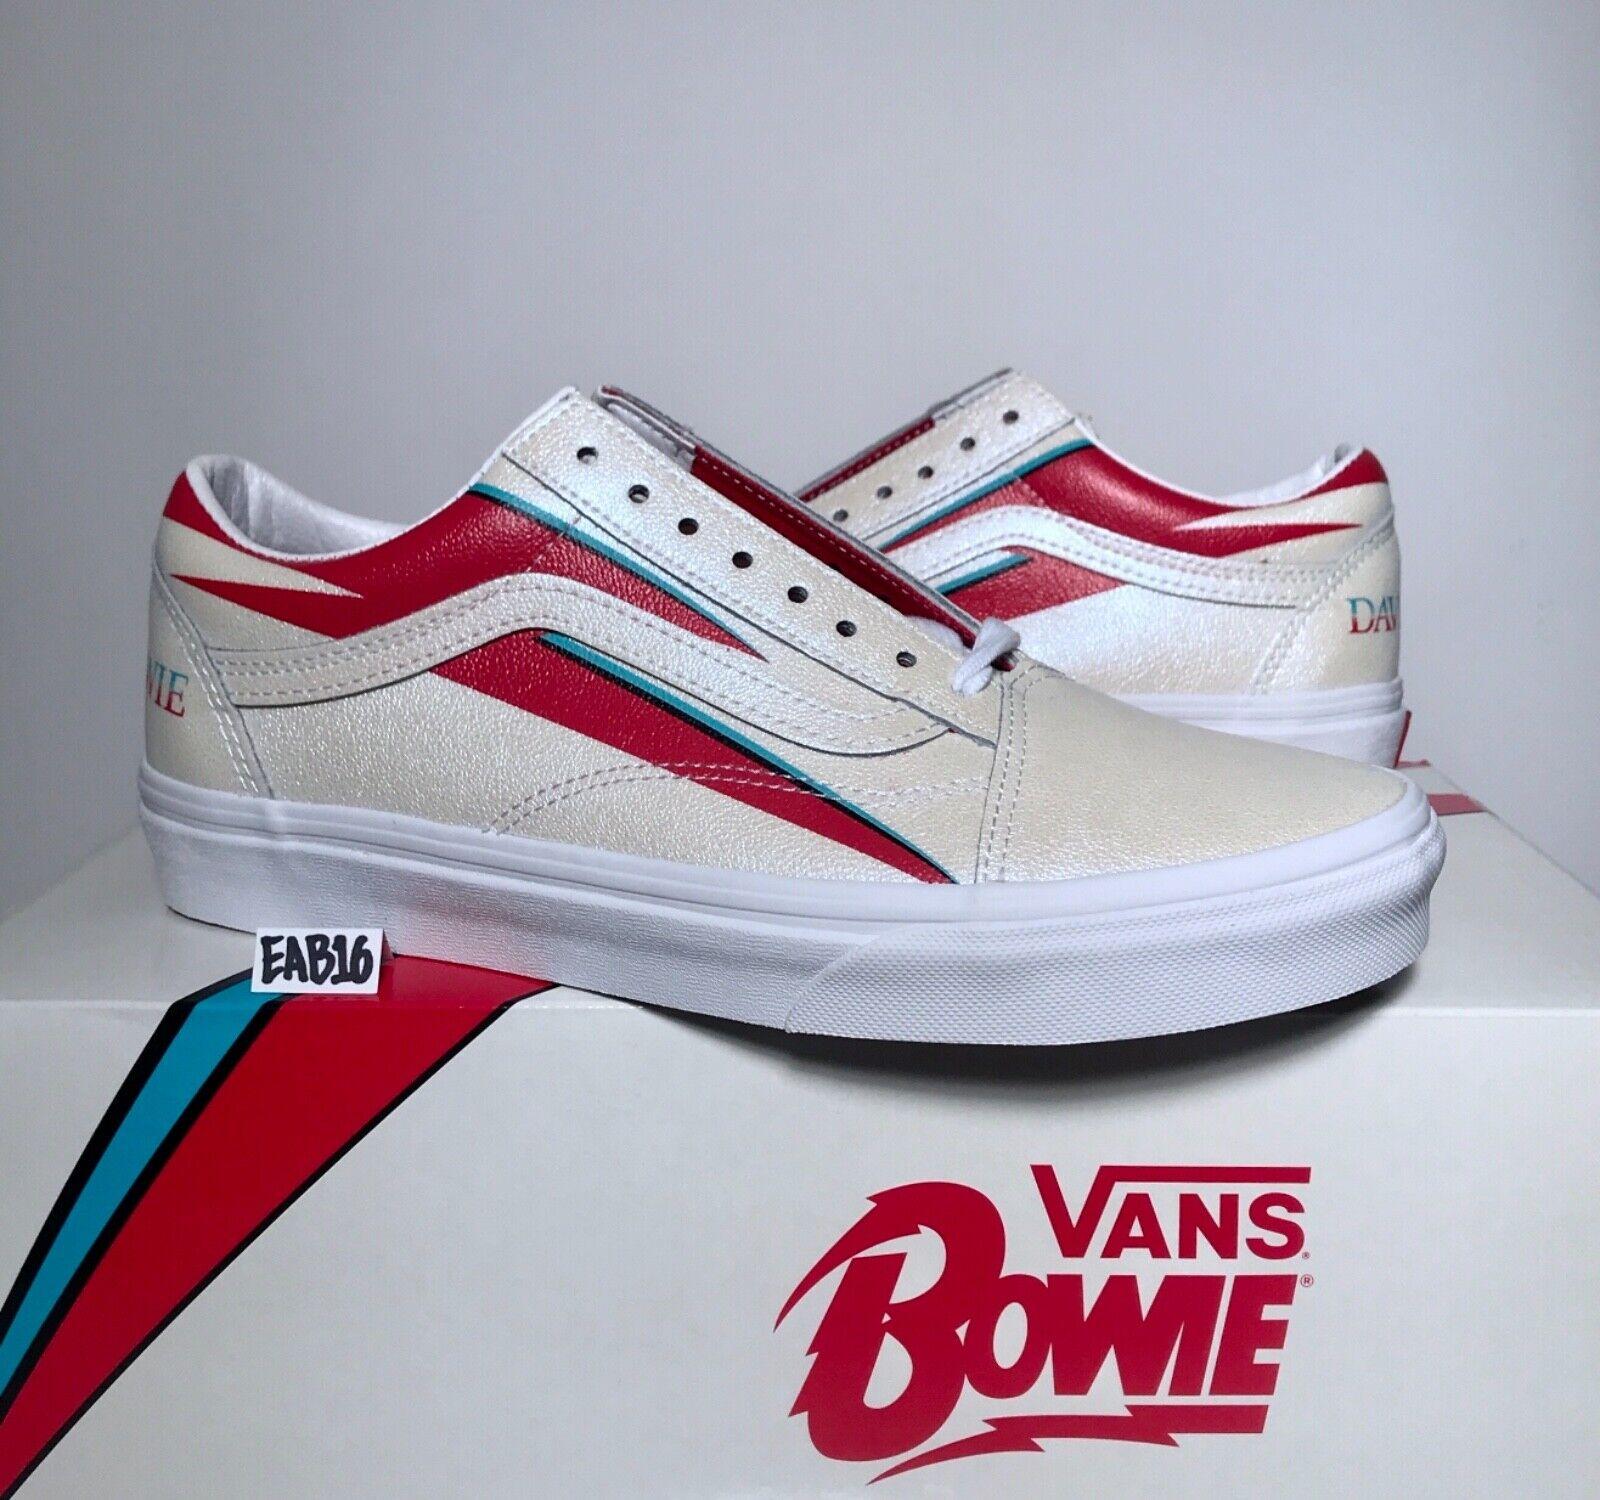 Vans Old Skool X David Bowie Aladdin Sane True White Red bluee DB Size 3.5-13